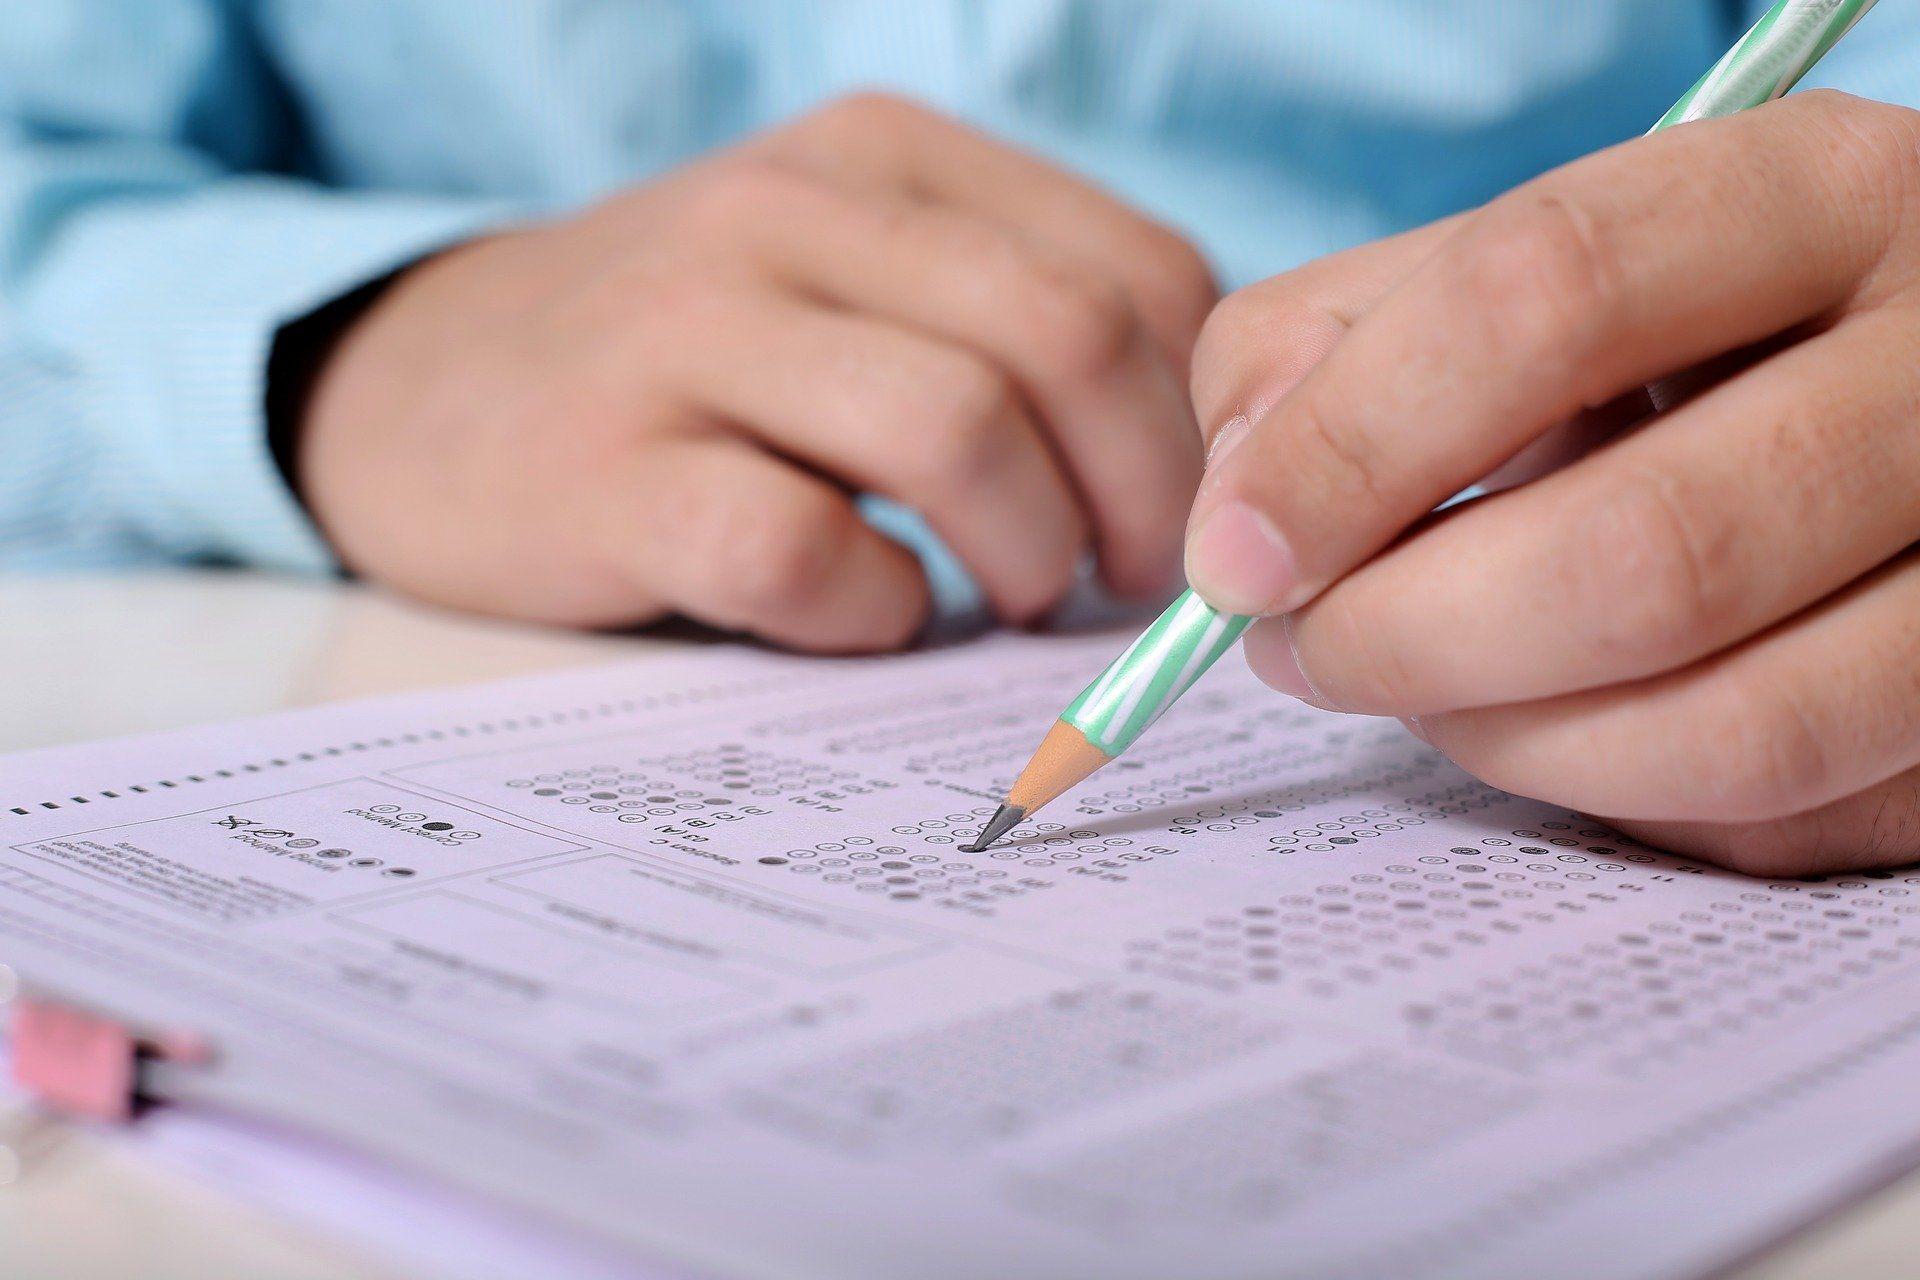 Taking the WSET Level 3 exam